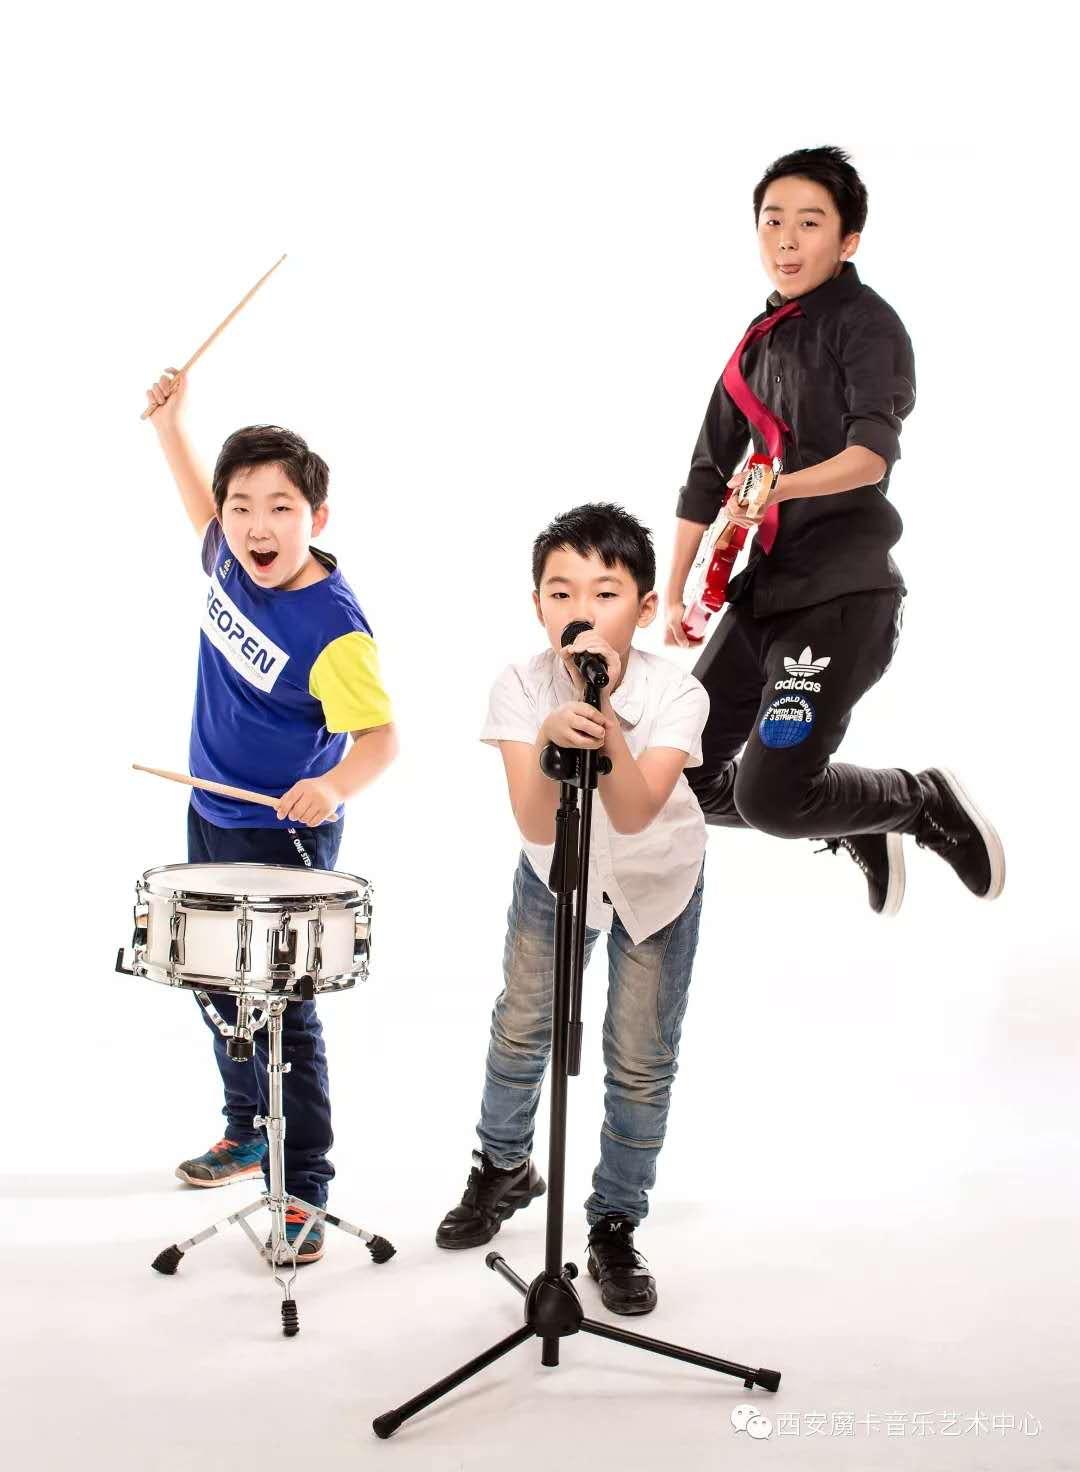 魔卡丰富的舞台展示机会,给孩子更多的锻炼机会。